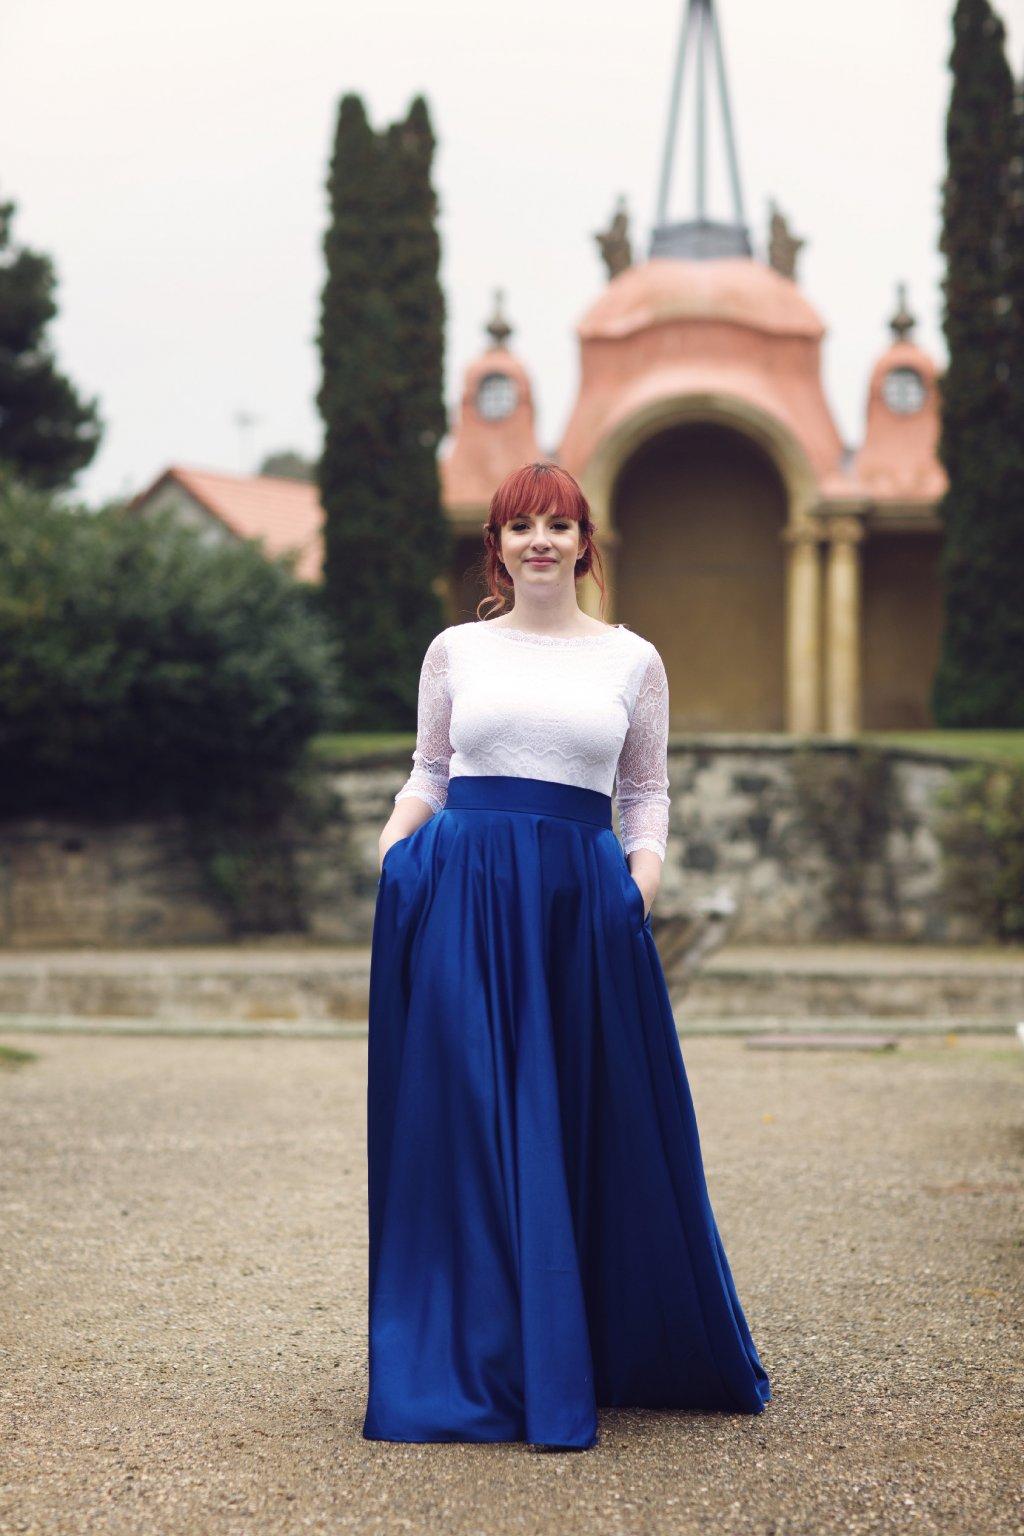 Saténová dlouhá sukně Rosie královská modrá 2